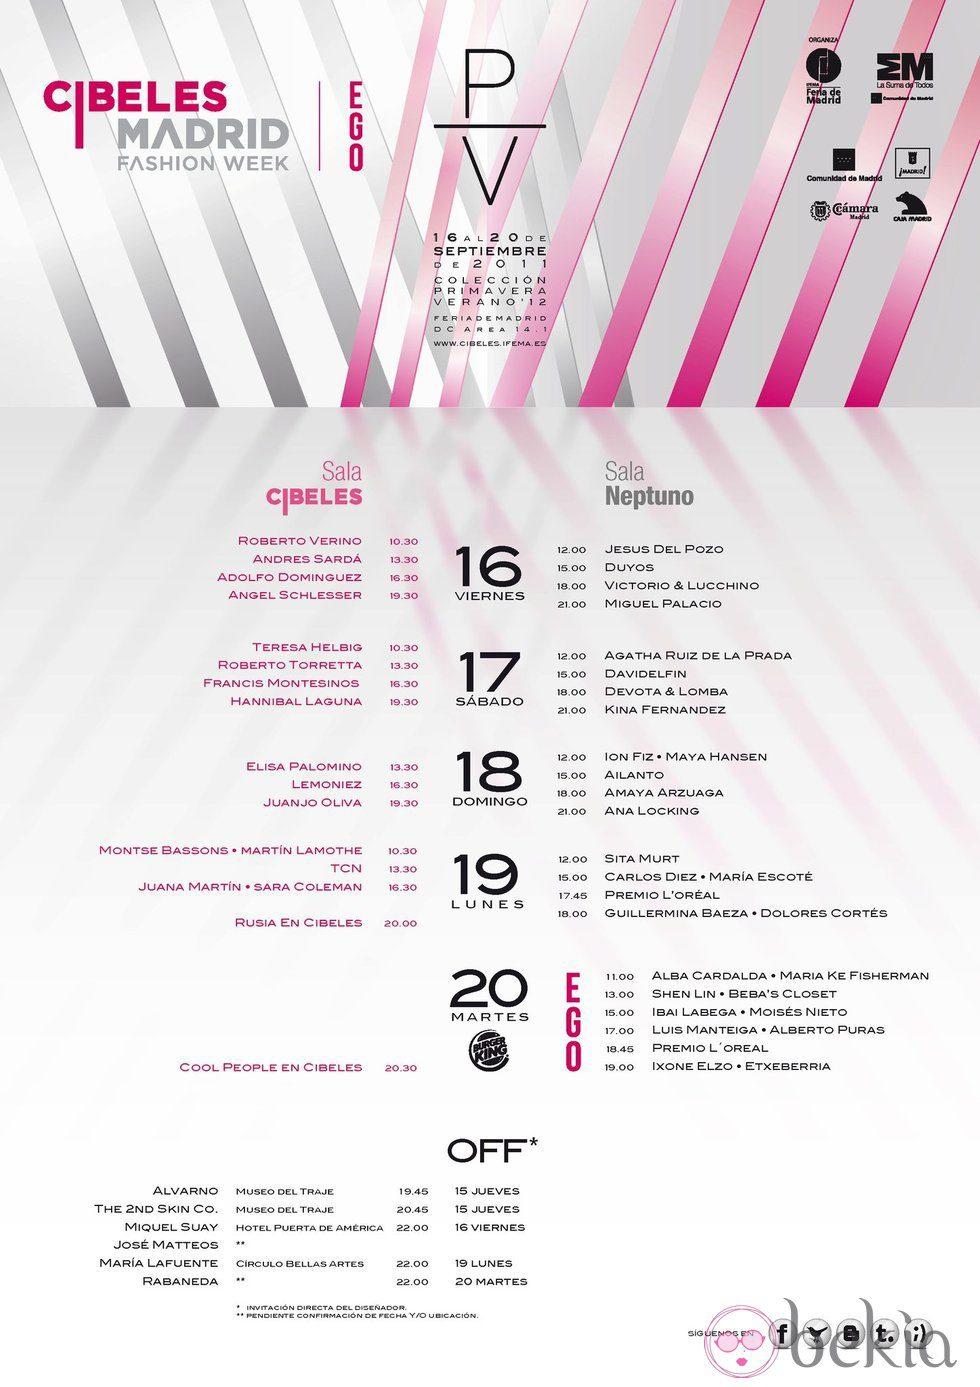 Calendario de Cibeles Madrid Fashion Week primavera/verano 2012